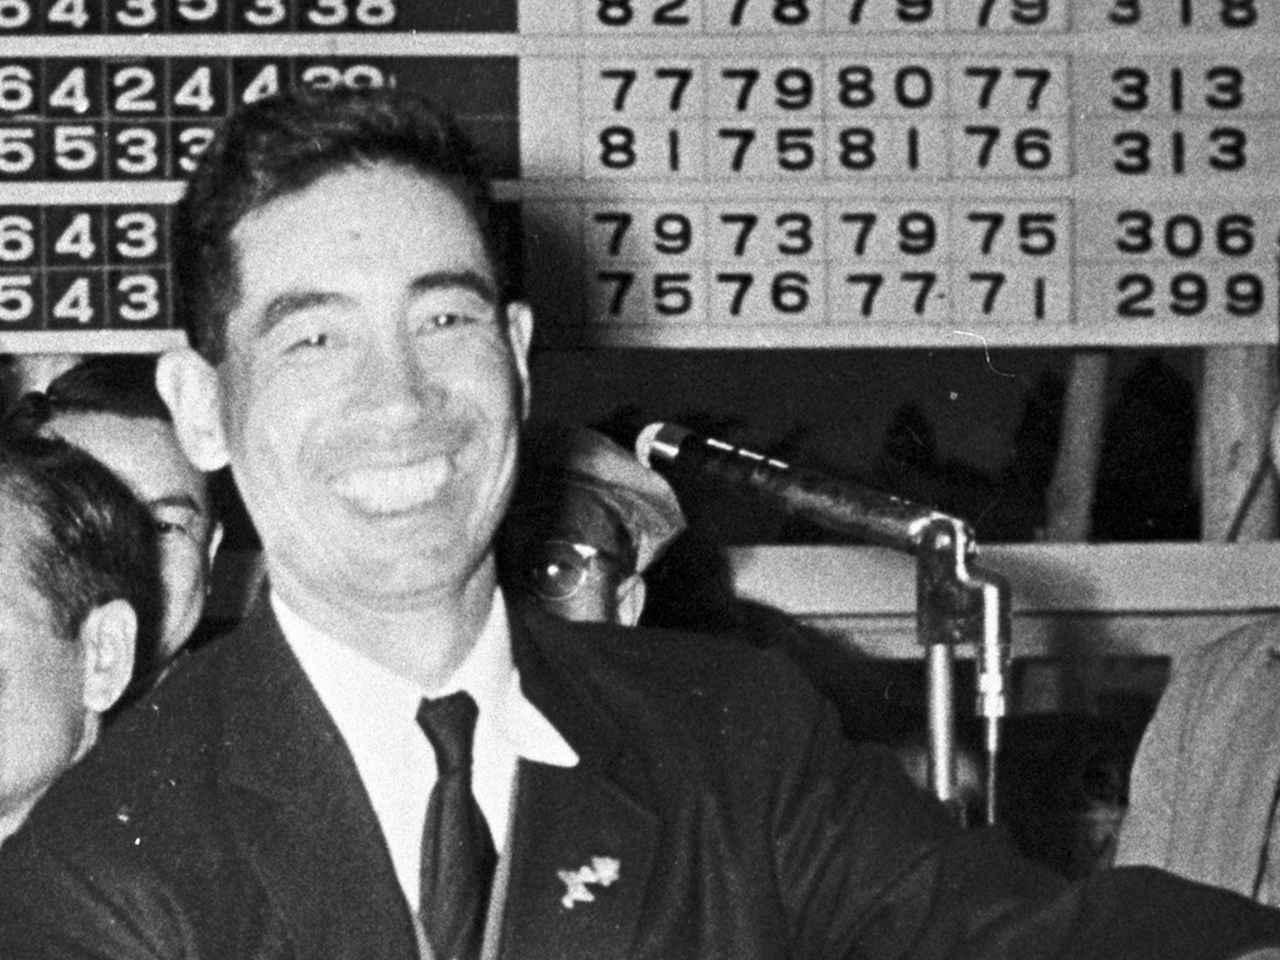 画像: 小野光一プロ 1919年生まれ、2000年没。程ヶ谷CC所属。初優勝は49年の関東プロ。51年から1年おきに日本オープンを3度制覇。古の名手